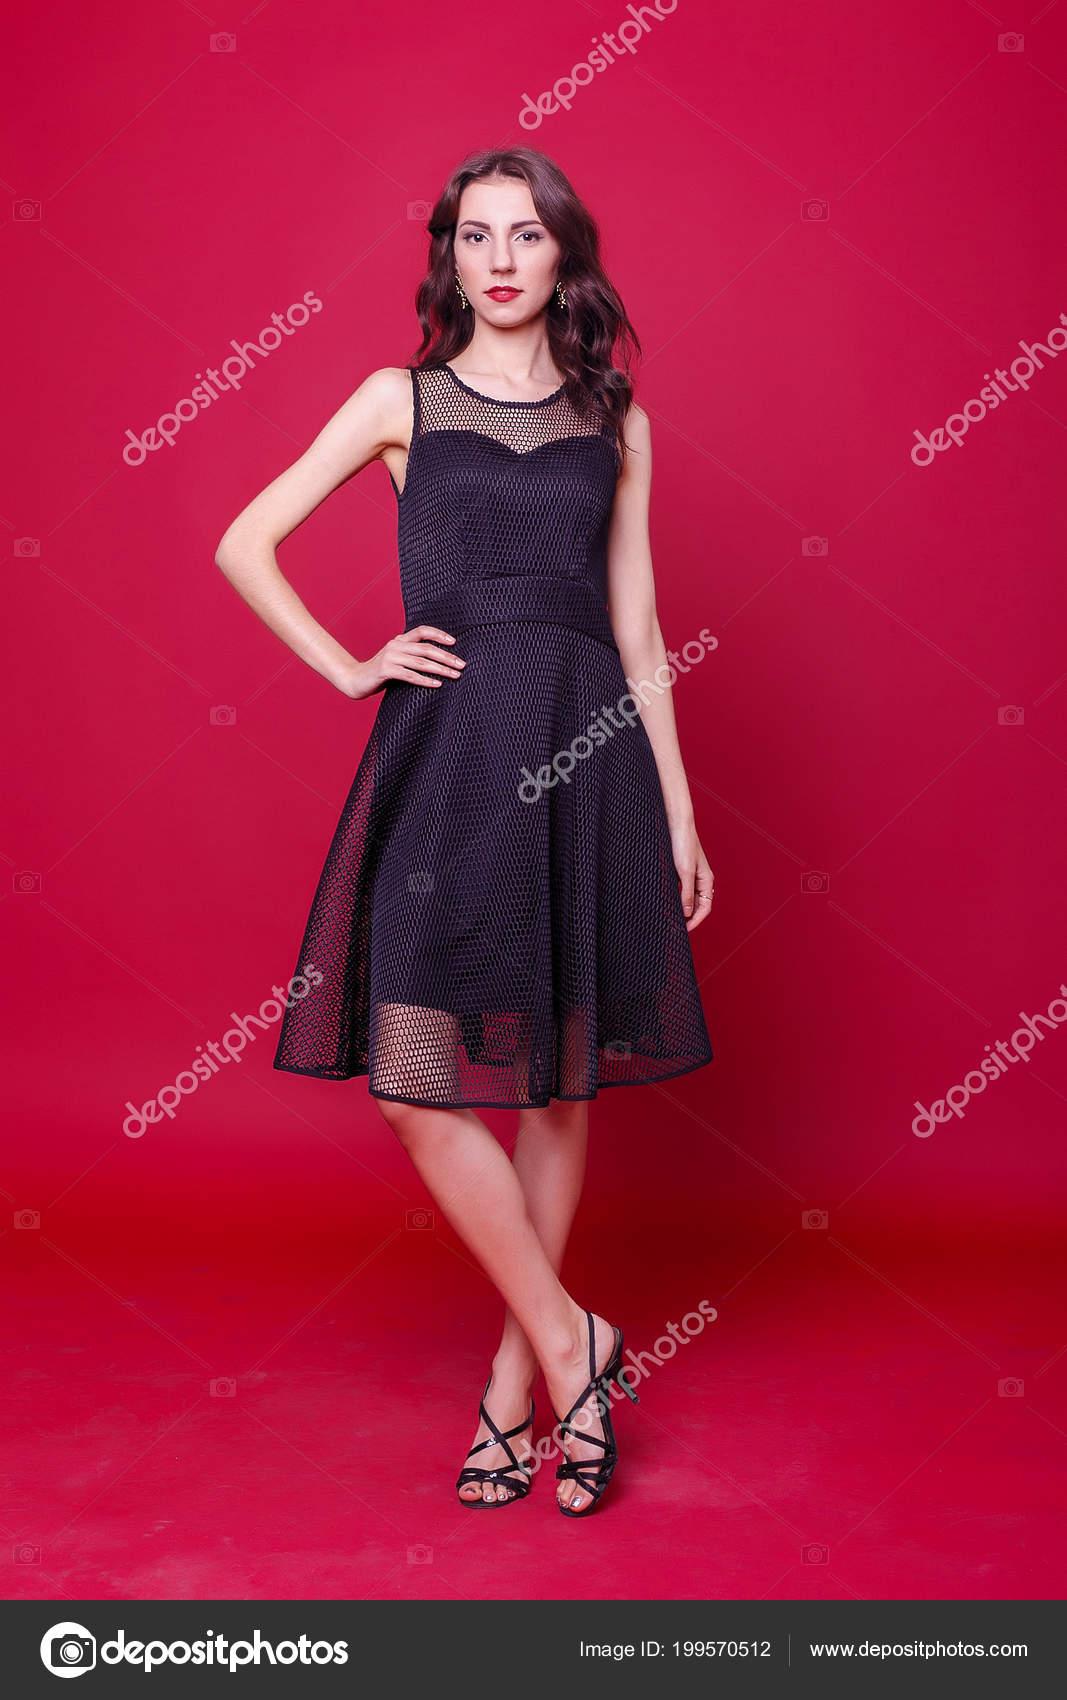 Jeune Mode Concept Cocktail Style Personnes Belle Femme Robe Noire YyIbf76gv